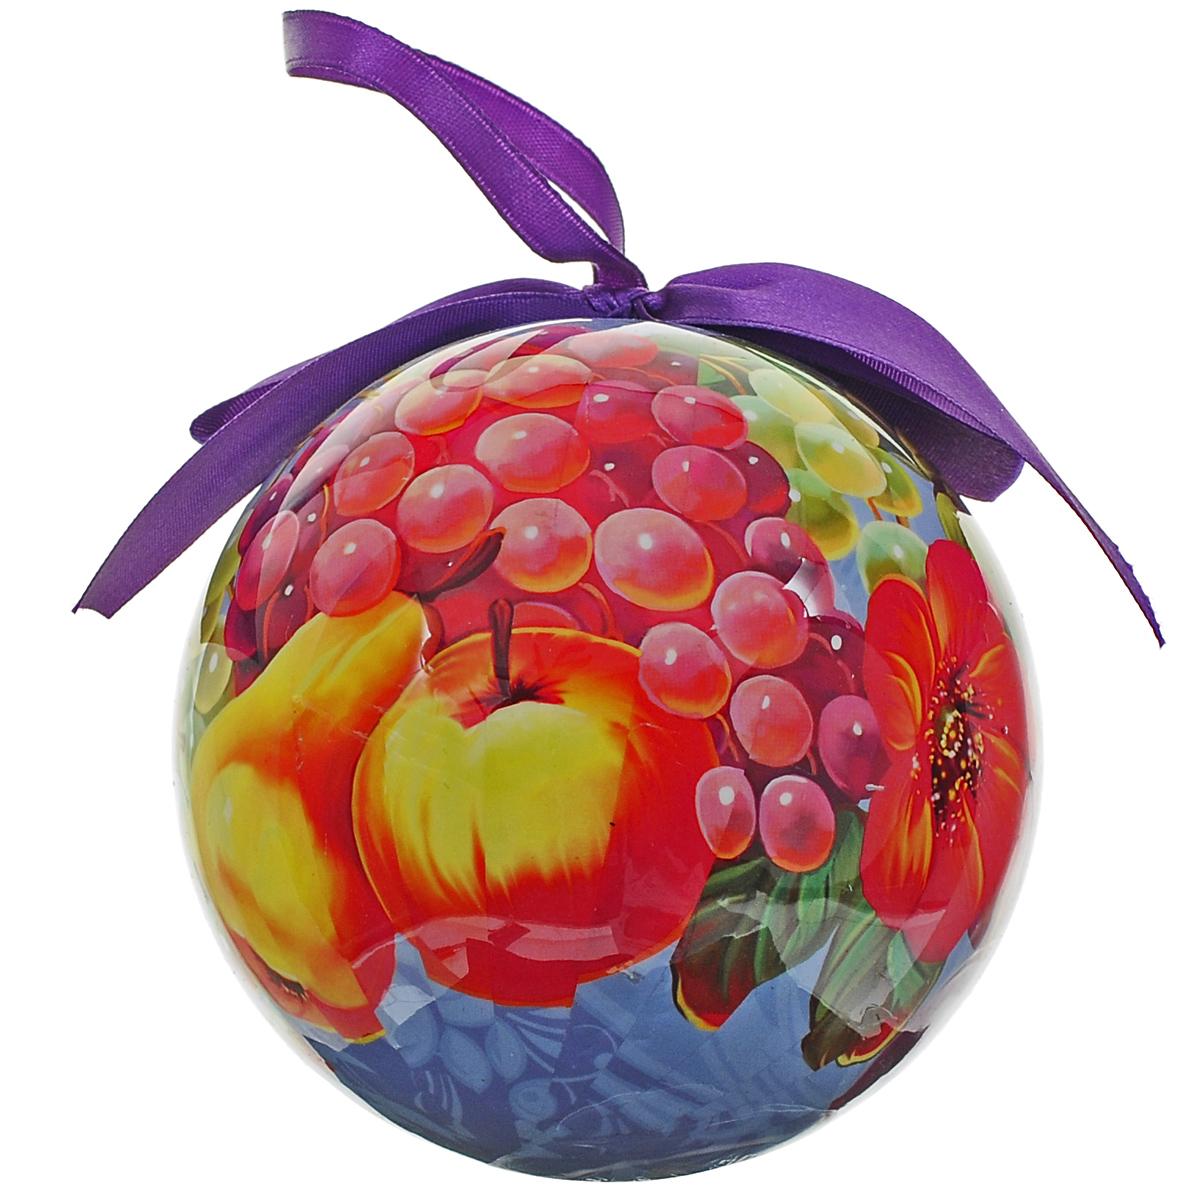 Новогоднее подвесное украшение Незабудка Шар. Народные промыслы. 020345020345Новогоднее подвесное украшение Шар. Народные промыслы выполнено из высококачественного пластика и декорировано текстильным бантом и изображением цветов и фруктов. С помощью специальной петельки украшение можно повесить в любом понравившемся вам месте. Но, конечно, удачнее всего такой шар будет смотреться на праздничной елке.Елочная игрушка - символ Нового года. Она несет в себе волшебство и красоту праздника. Создайте в своем доме атмосферу веселья и радости, украшая новогоднюю елку нарядными игрушками, которые будут из года в год накапливать теплоту воспоминаний.